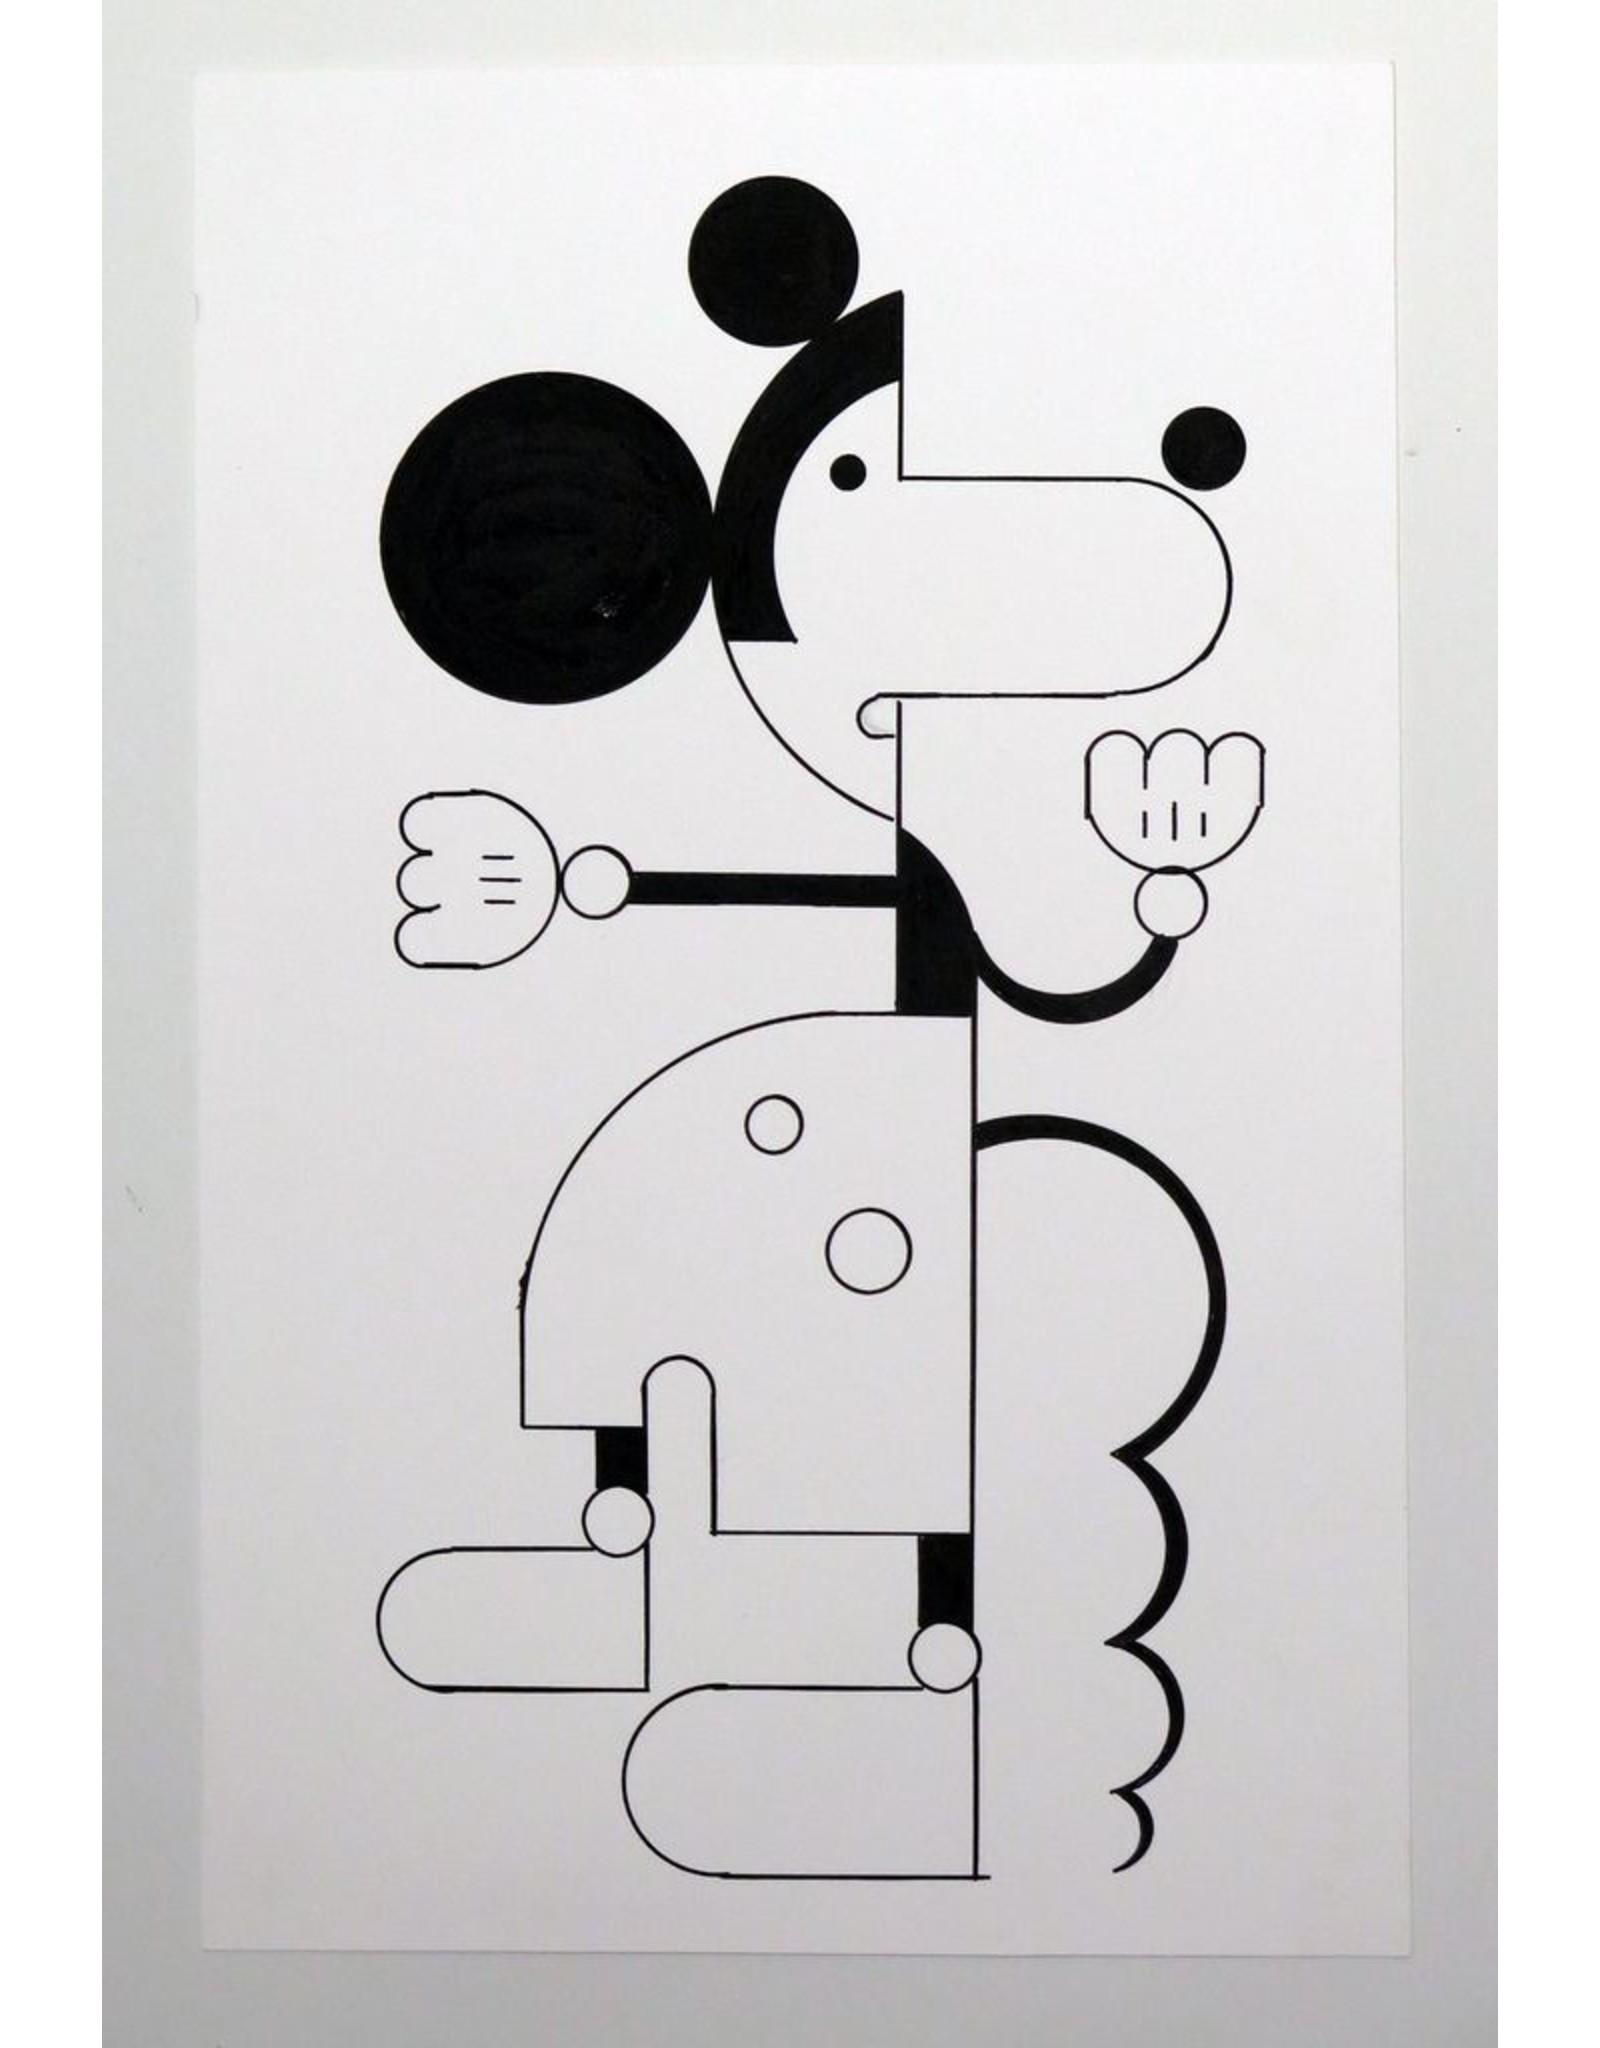 Ivan Brunetti Mouse #1, 2014, Illustration by Ivan Brunetti